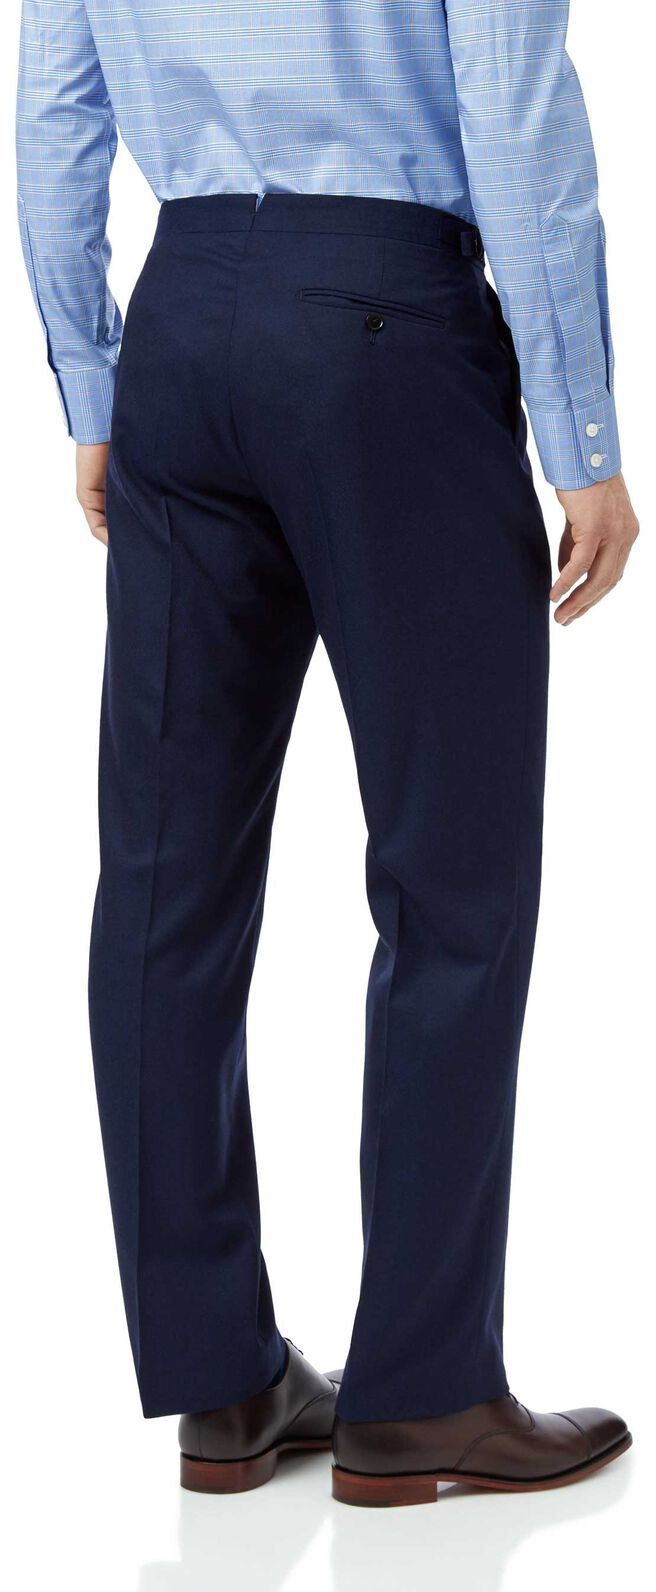 Blue classic fit British luxury suit